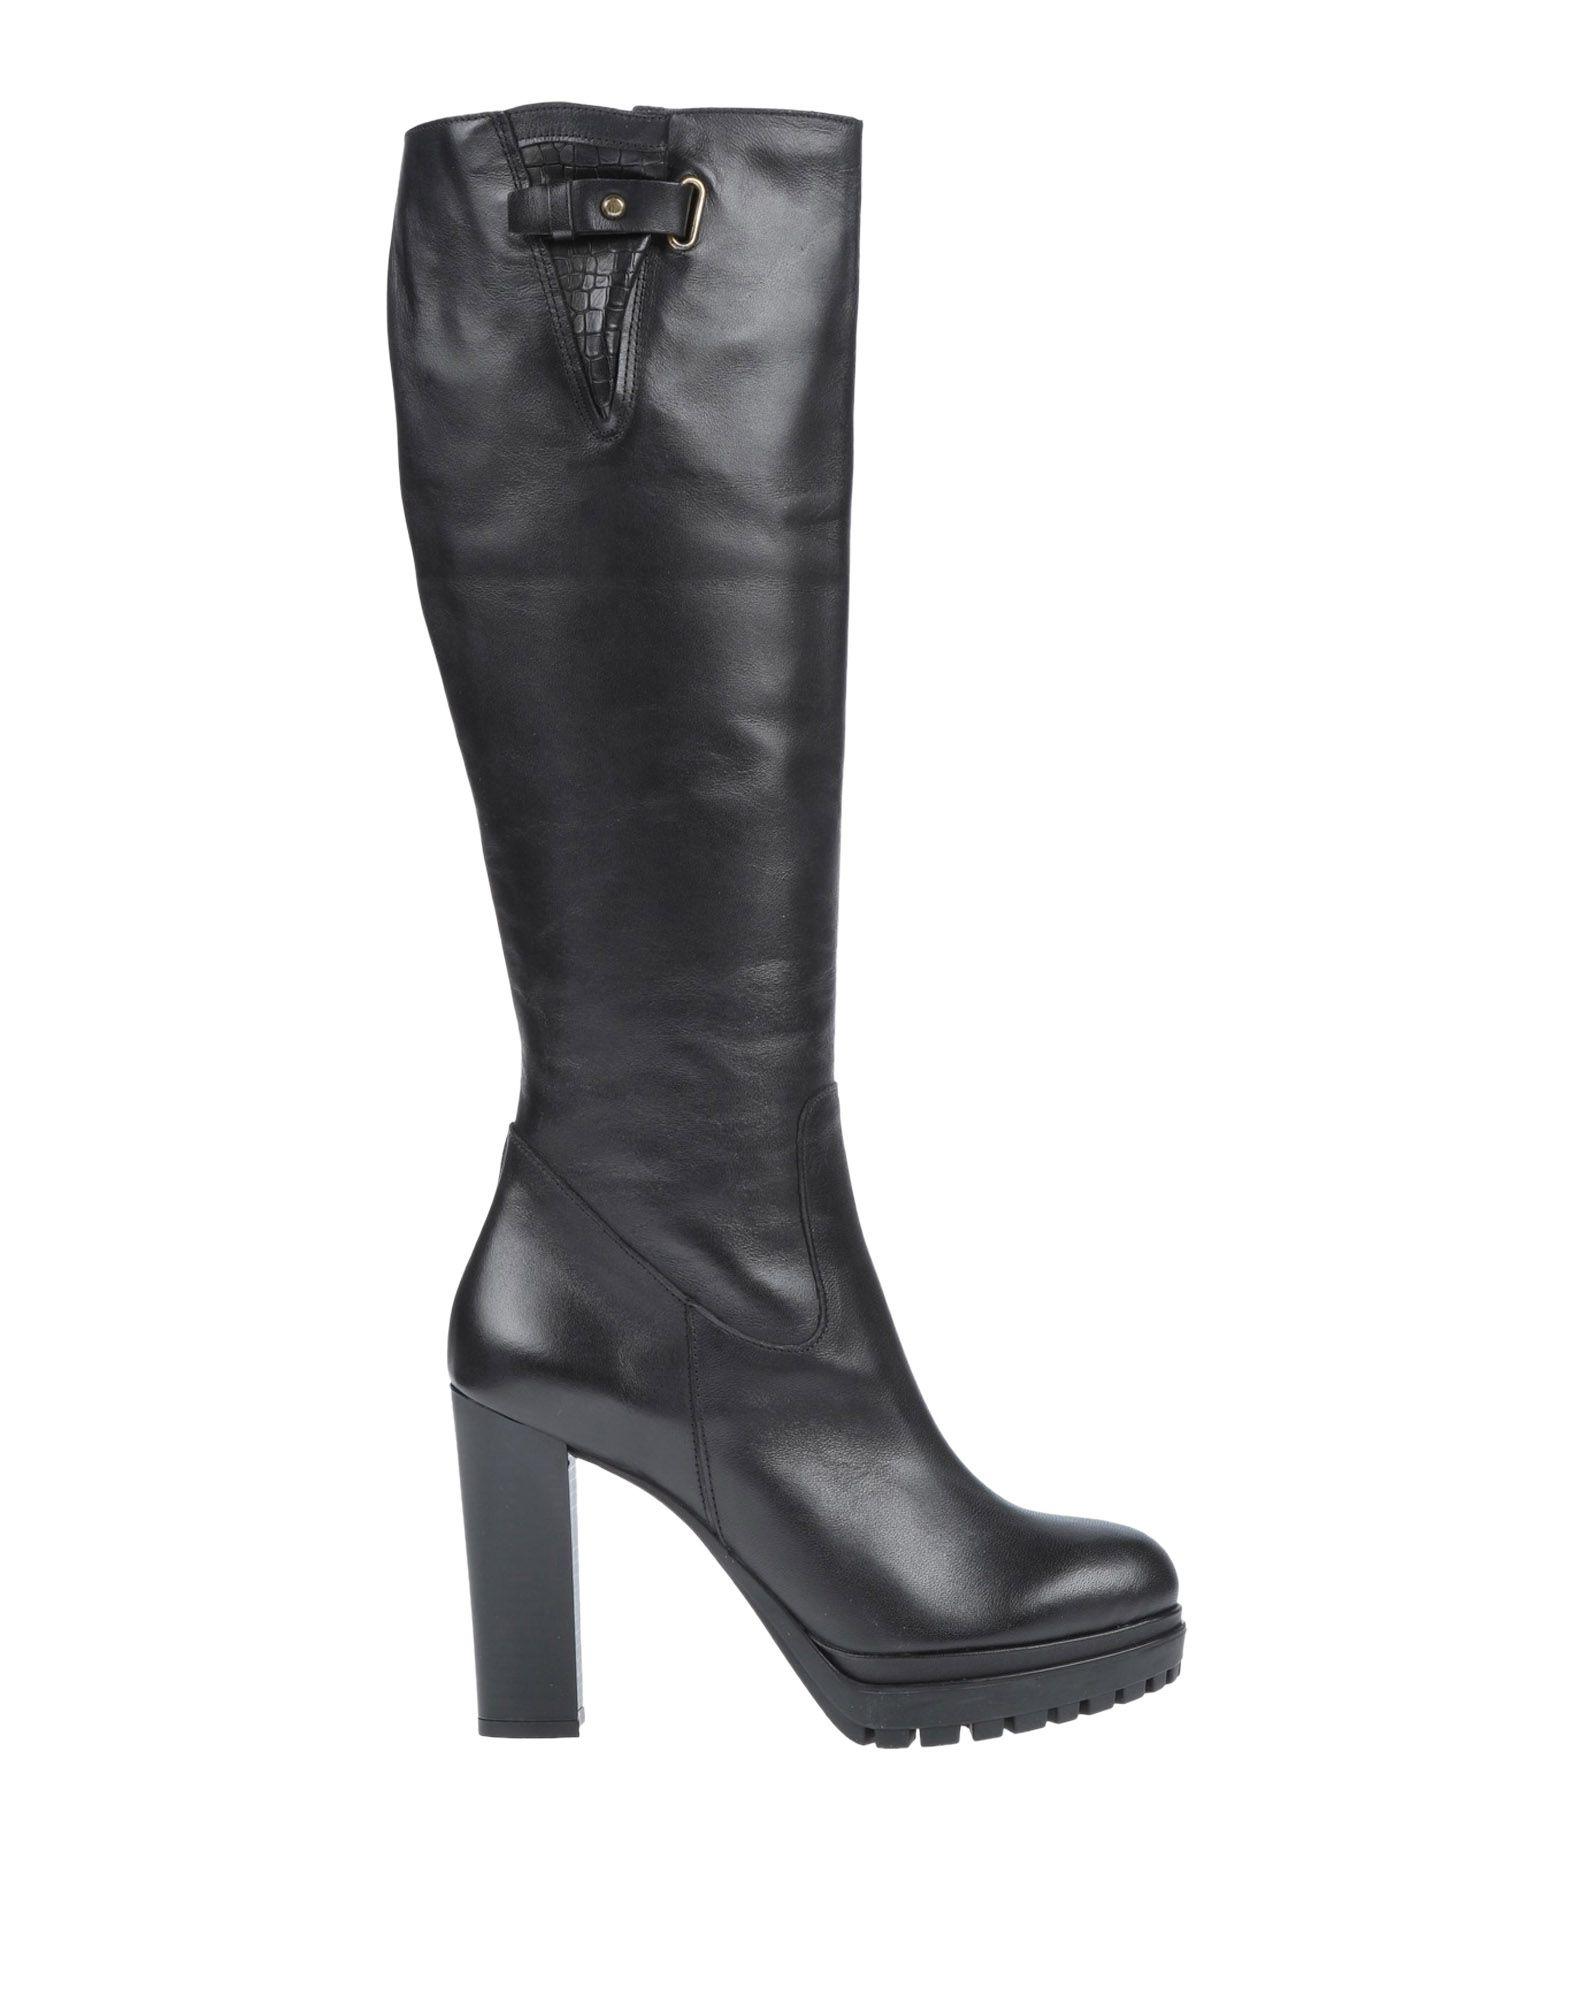 Exe' Stiefel Damen  11529543IR Gute Qualität beliebte Schuhe